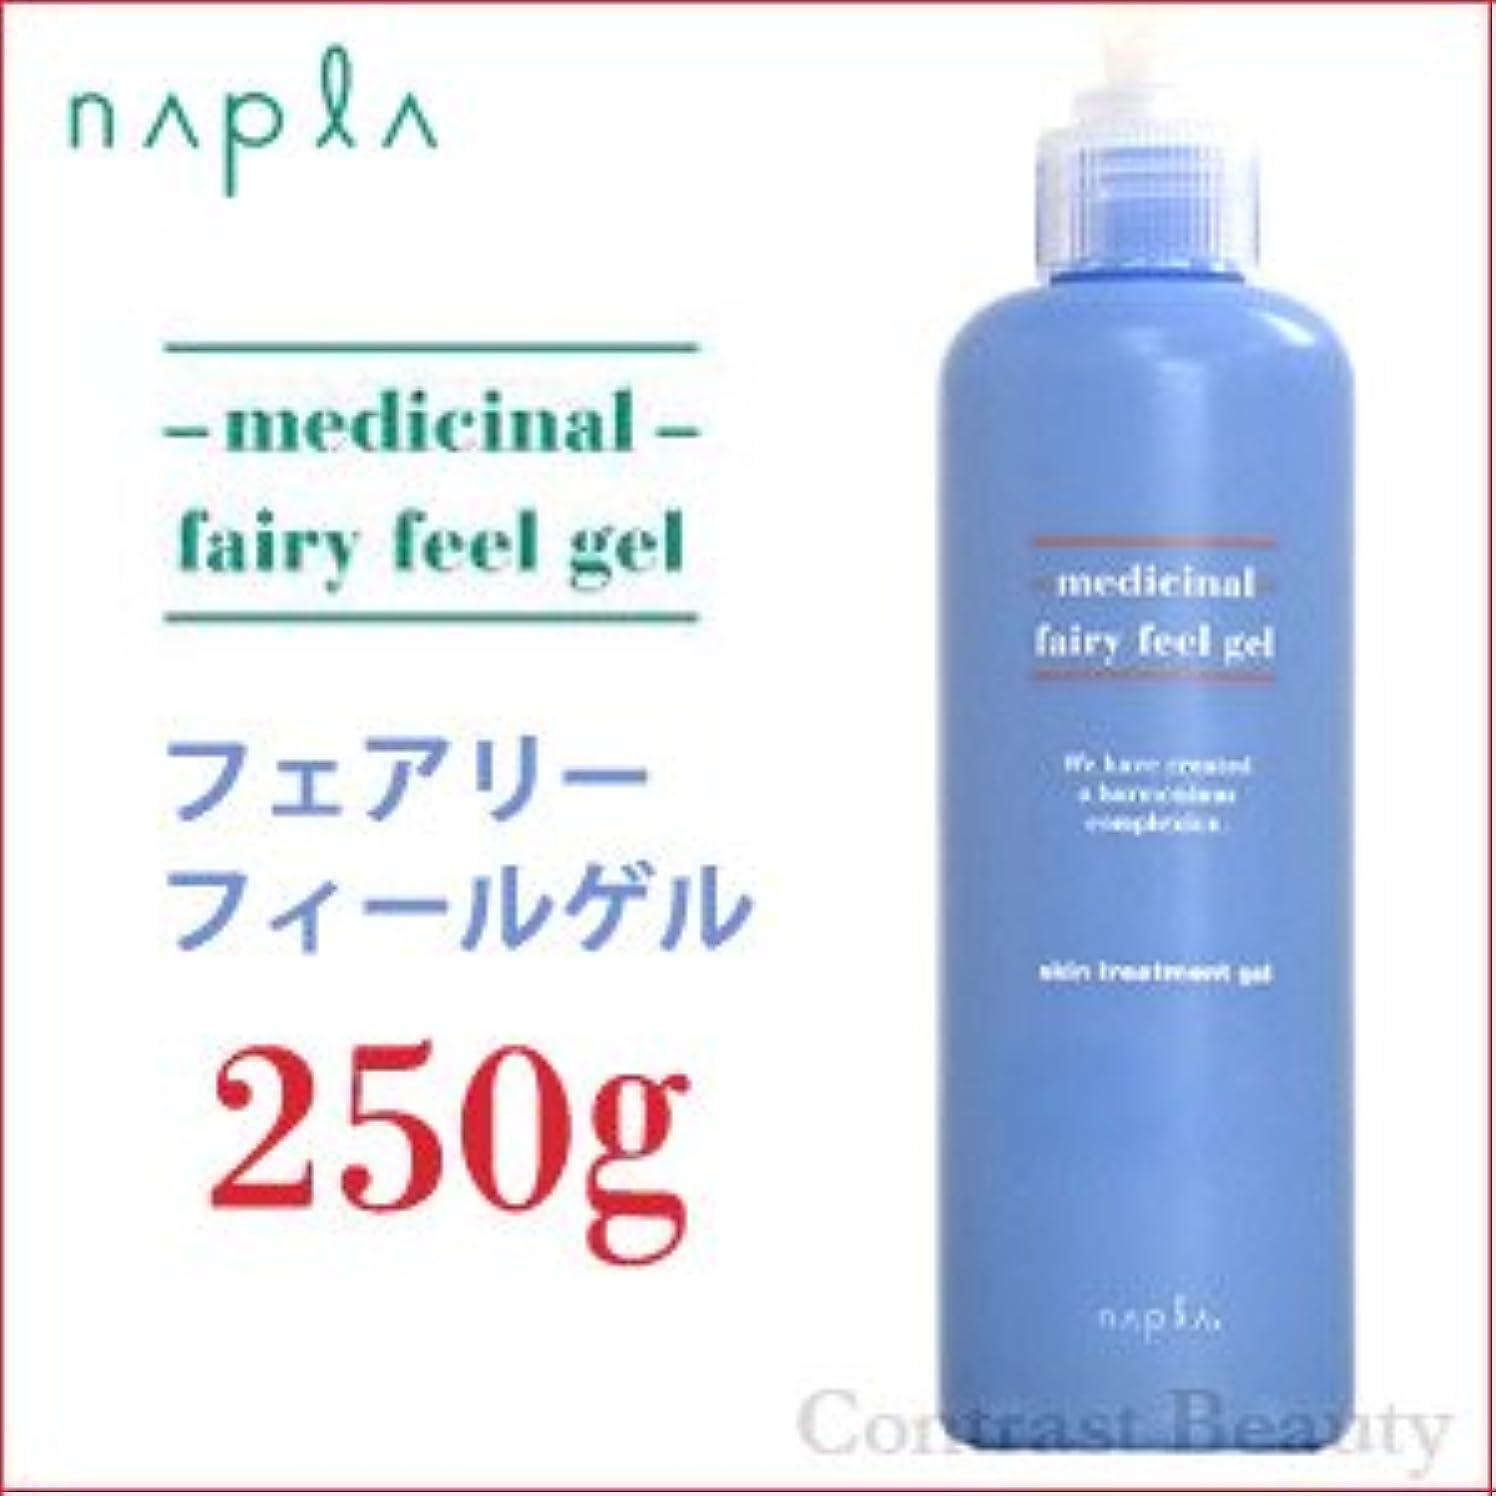 シャンパンマニフェスト課す【X5個セット】 ナプラ 薬用フェアリーフィールゲル 250g